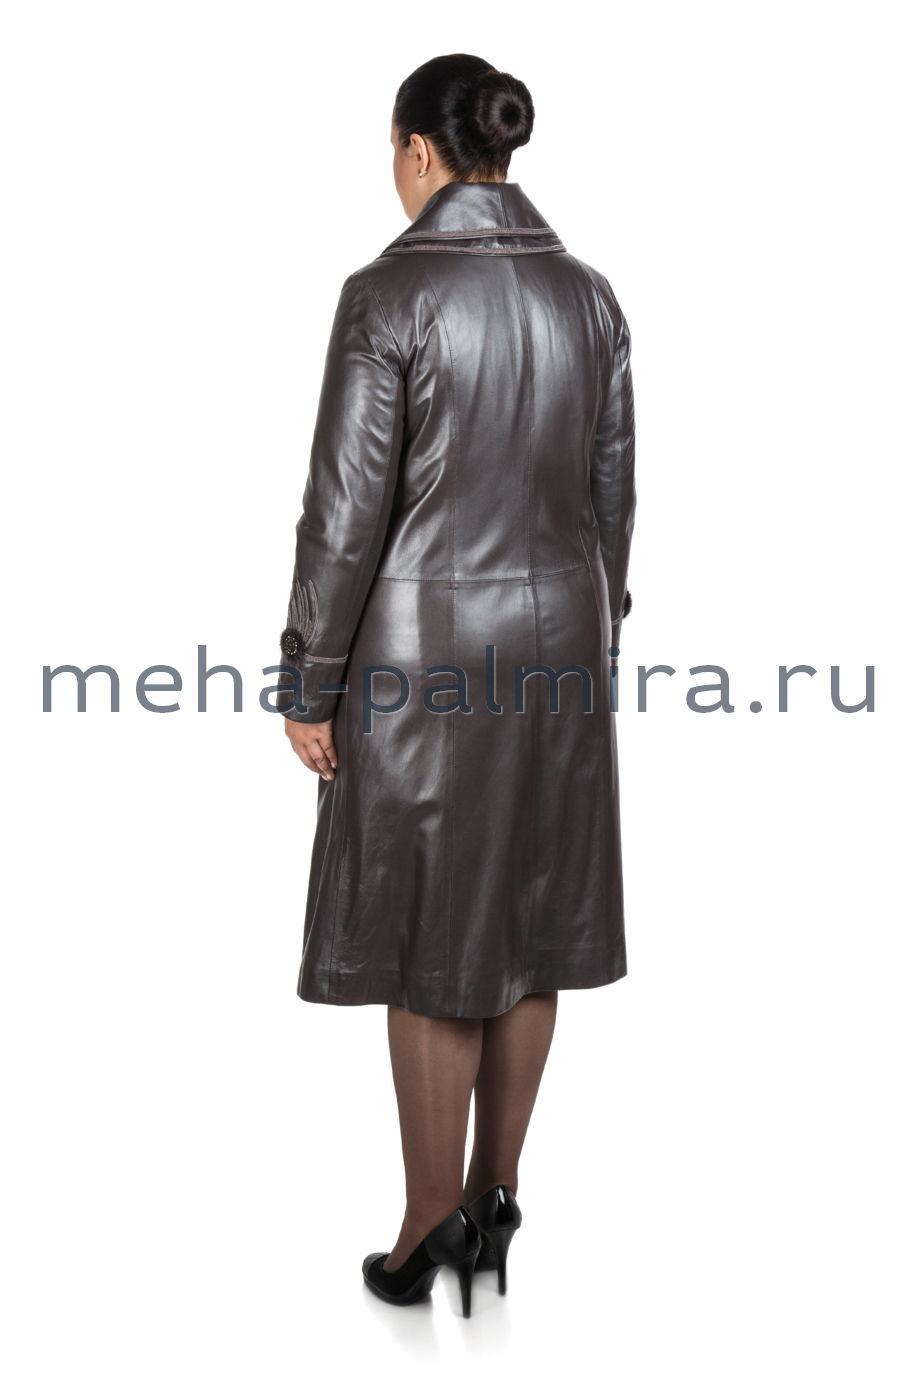 Демисезонное кожаное пальто на пуговицах, цвет капучино